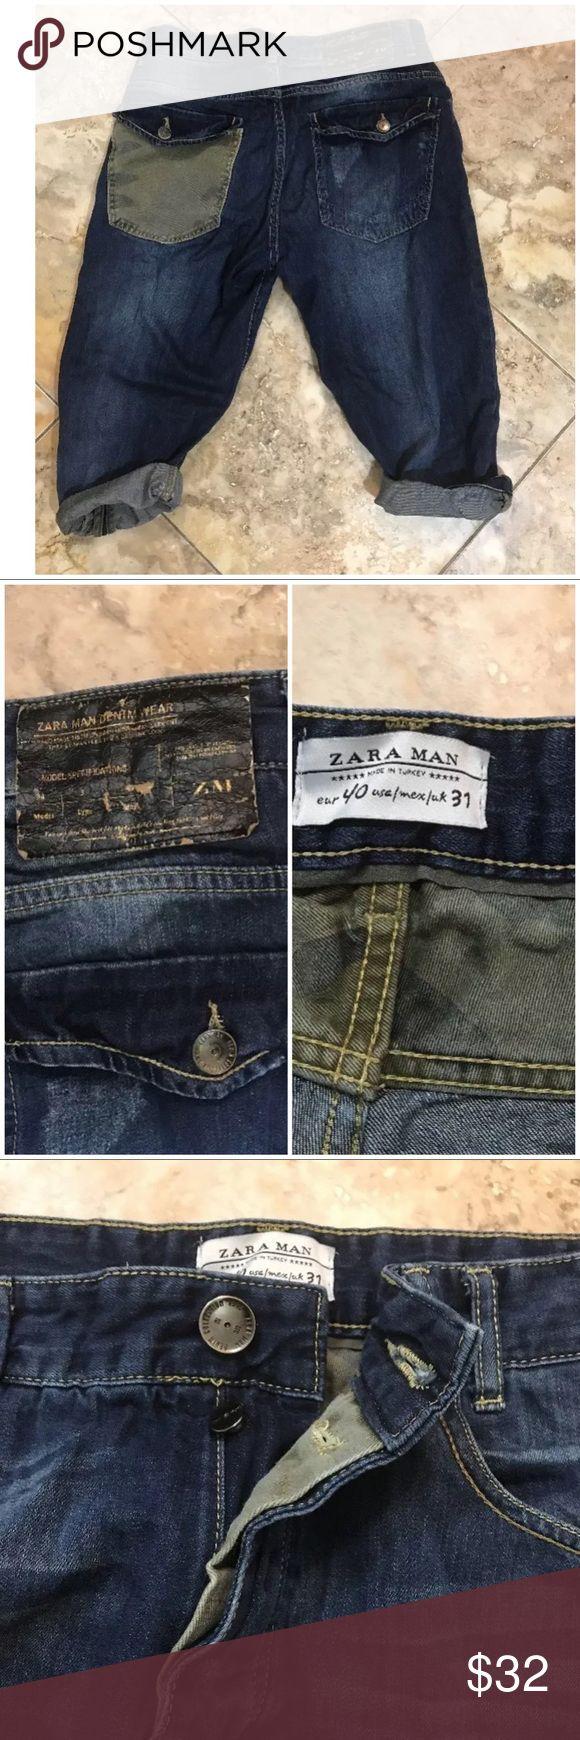 Zara man Jean shorts size 31 Camo pocket Zara man Jean shorts slim straight fit with Camo pocket Zara Jeans Slim Straight